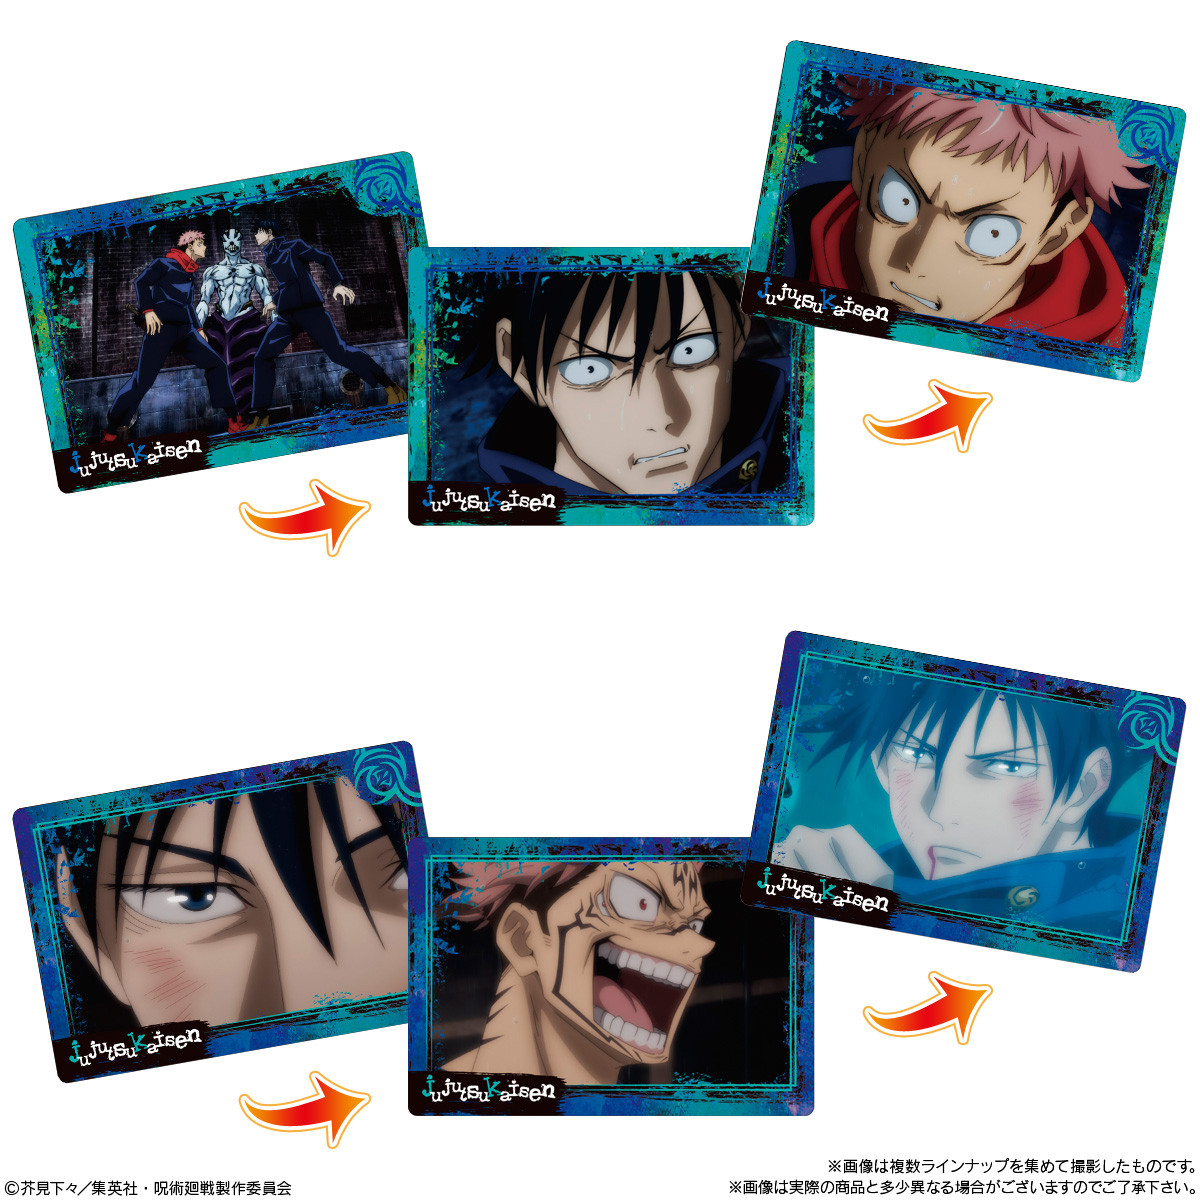 【食玩】呪術廻戦『呪術廻戦 PLAY BACKカードチョコスナック』10個入りBOX-005